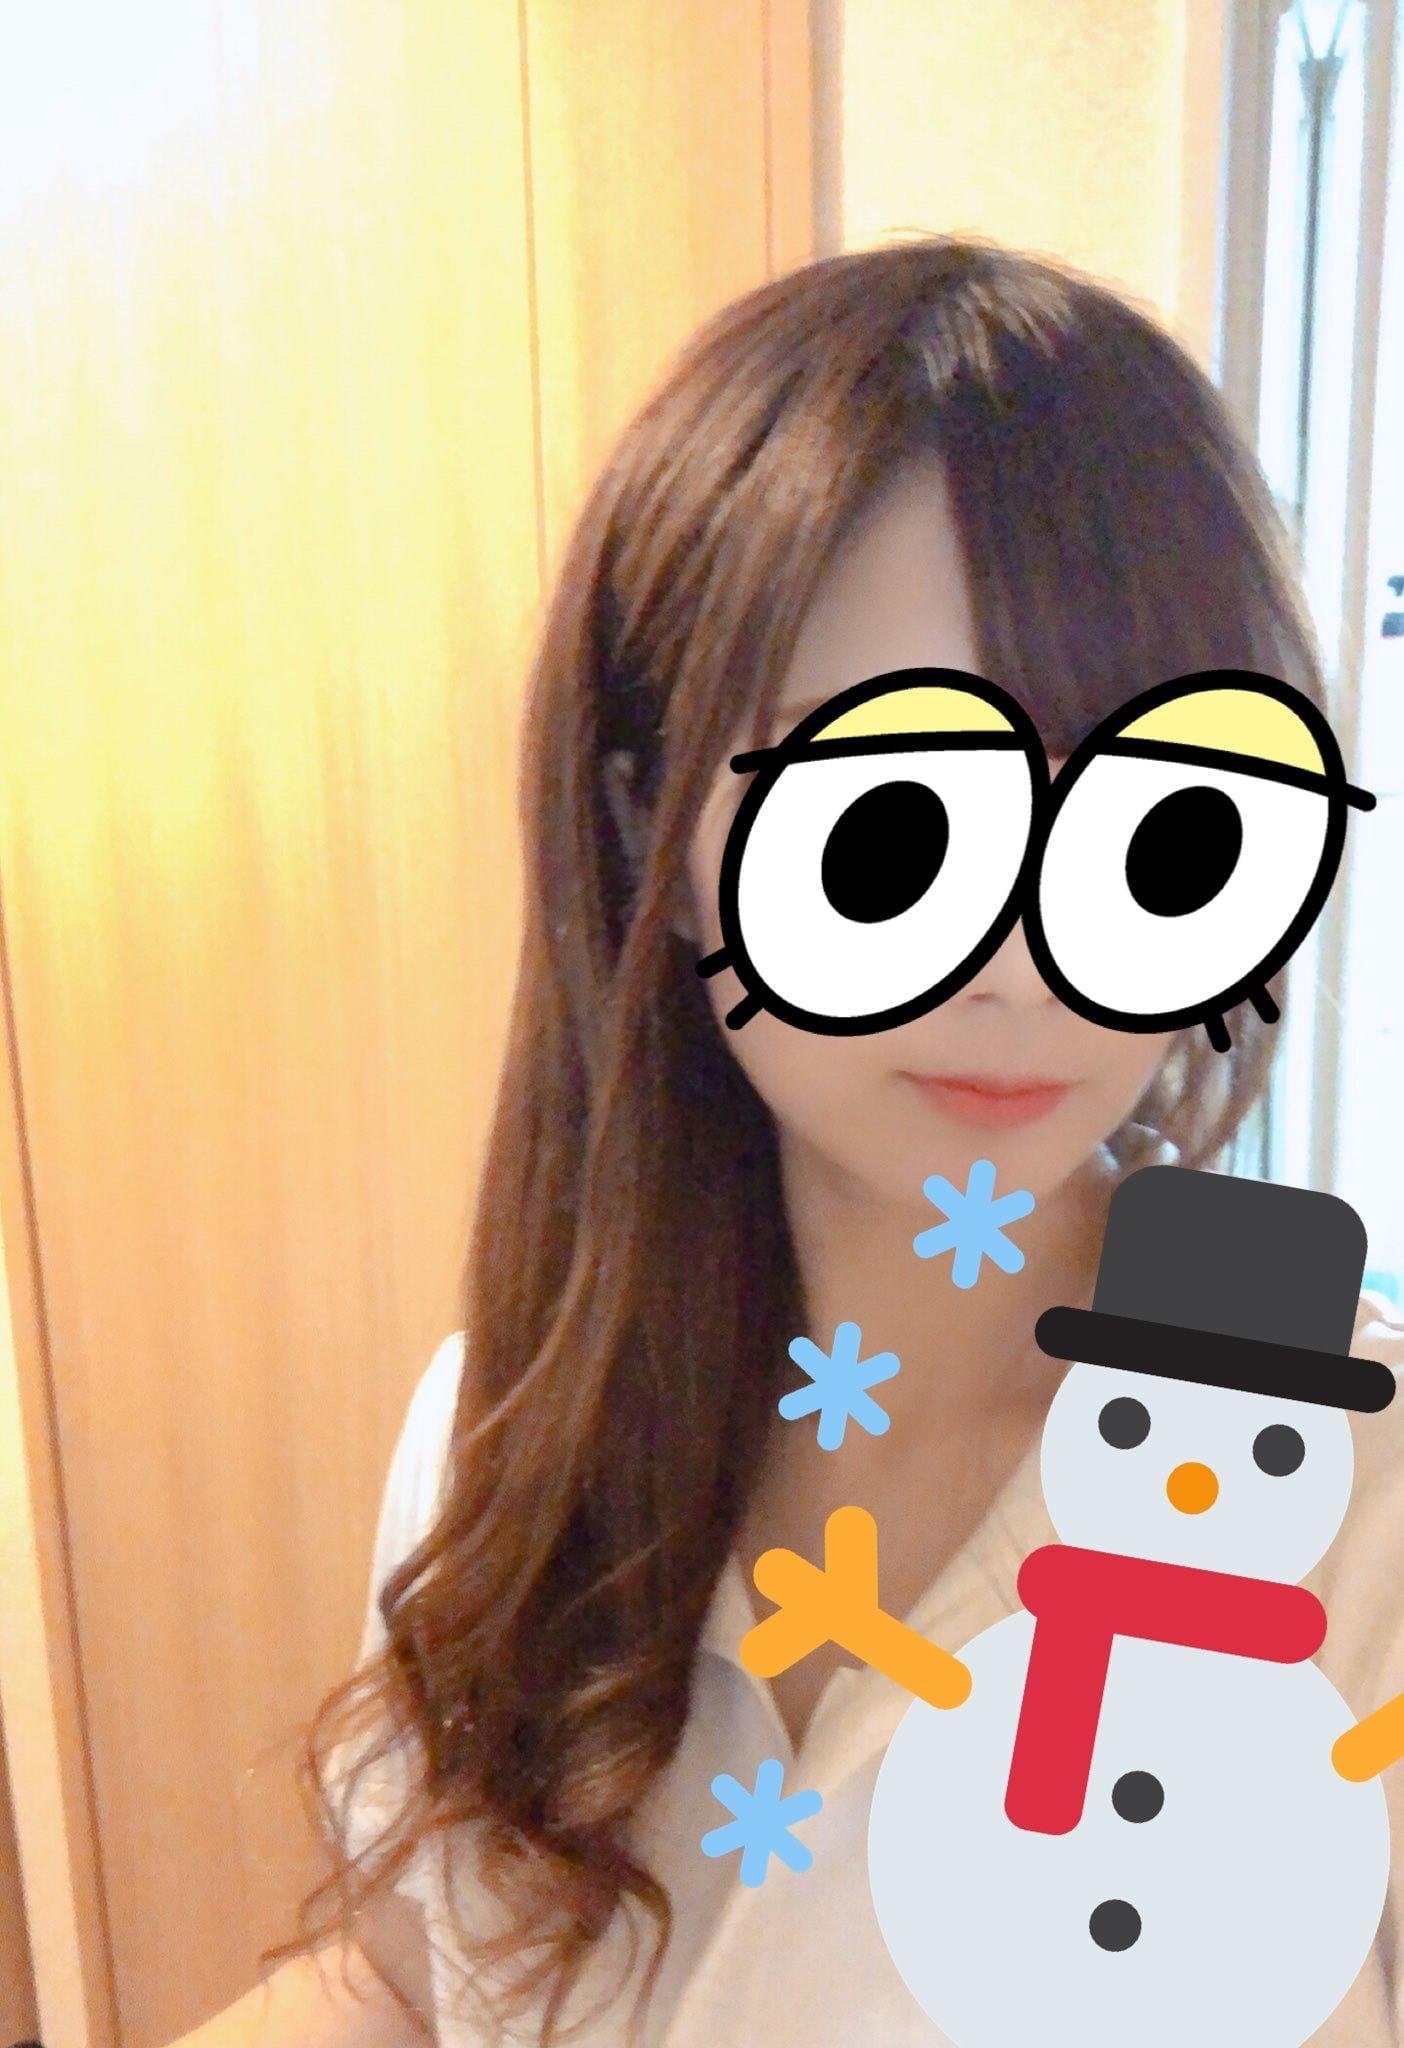 夏美(なつみ)-DIANA「\( ˆoˆ )/←このこかわいい」01/20(水) 19:28   夏美(なつみ)-DIANAの写メ・風俗動画